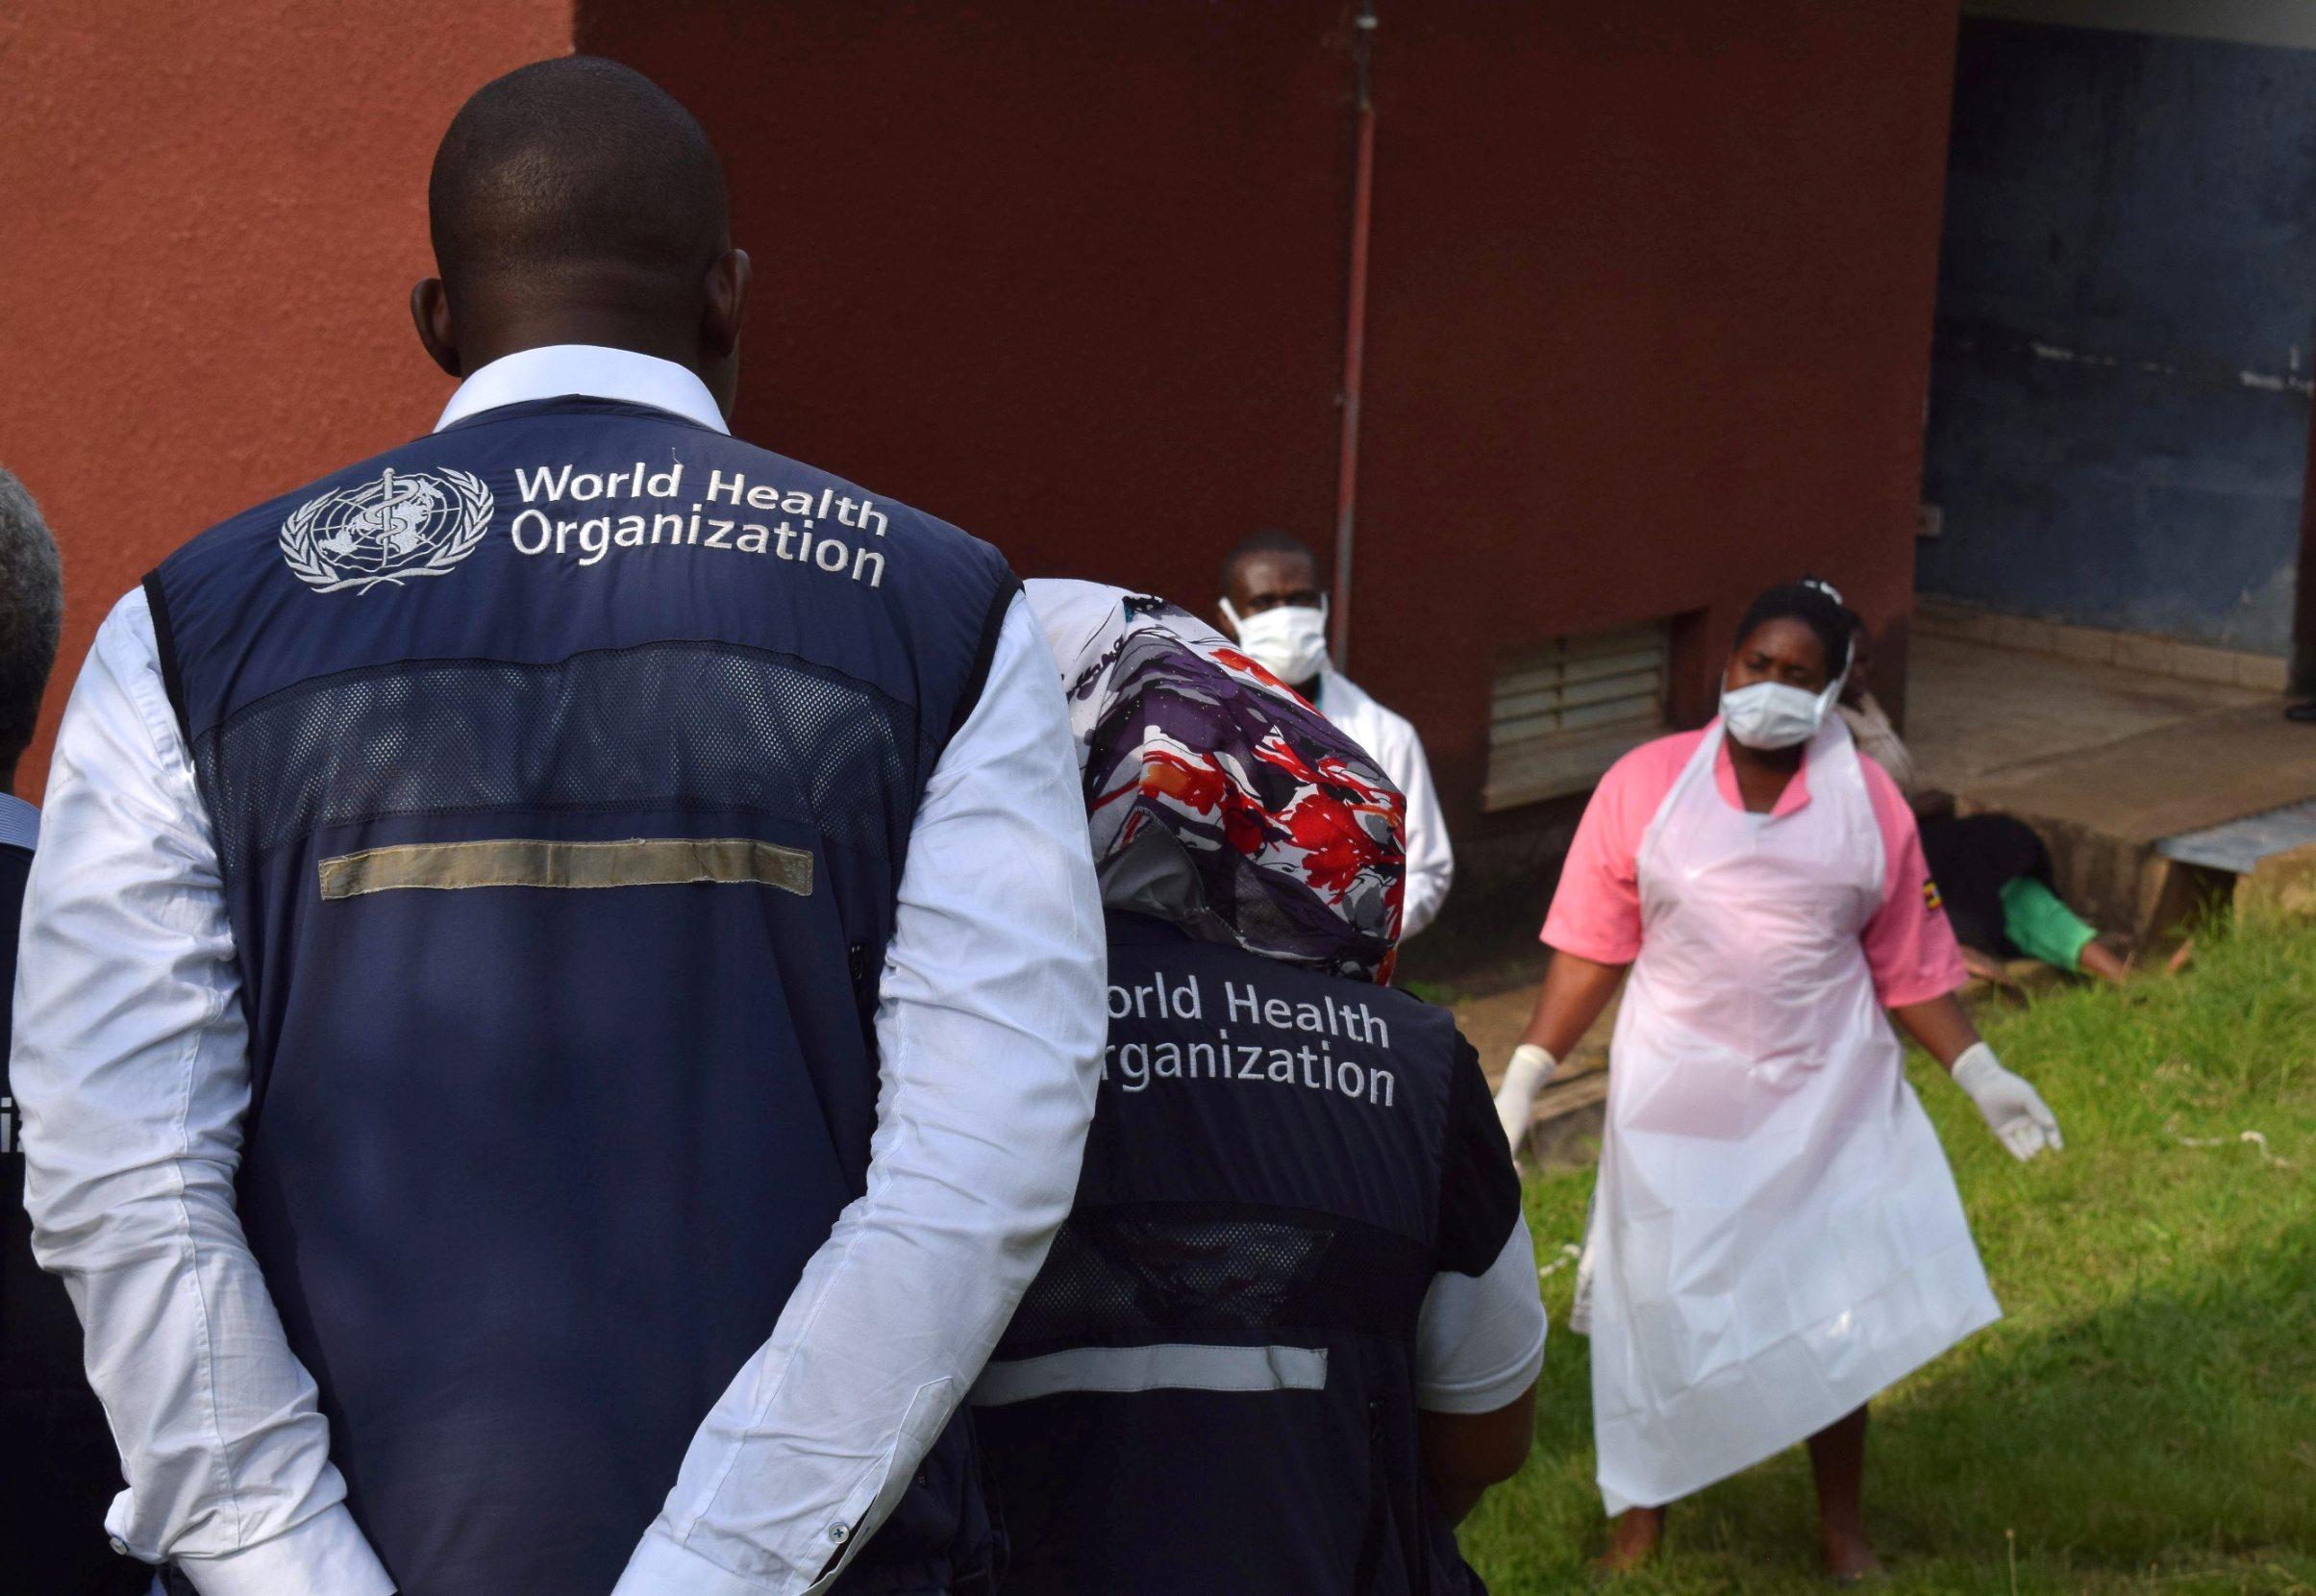 2019-06-12T155944Z_1239613313_RC1F9926DAF0_RTRMADP_3_EBOLA-HEALTH-UGANDA